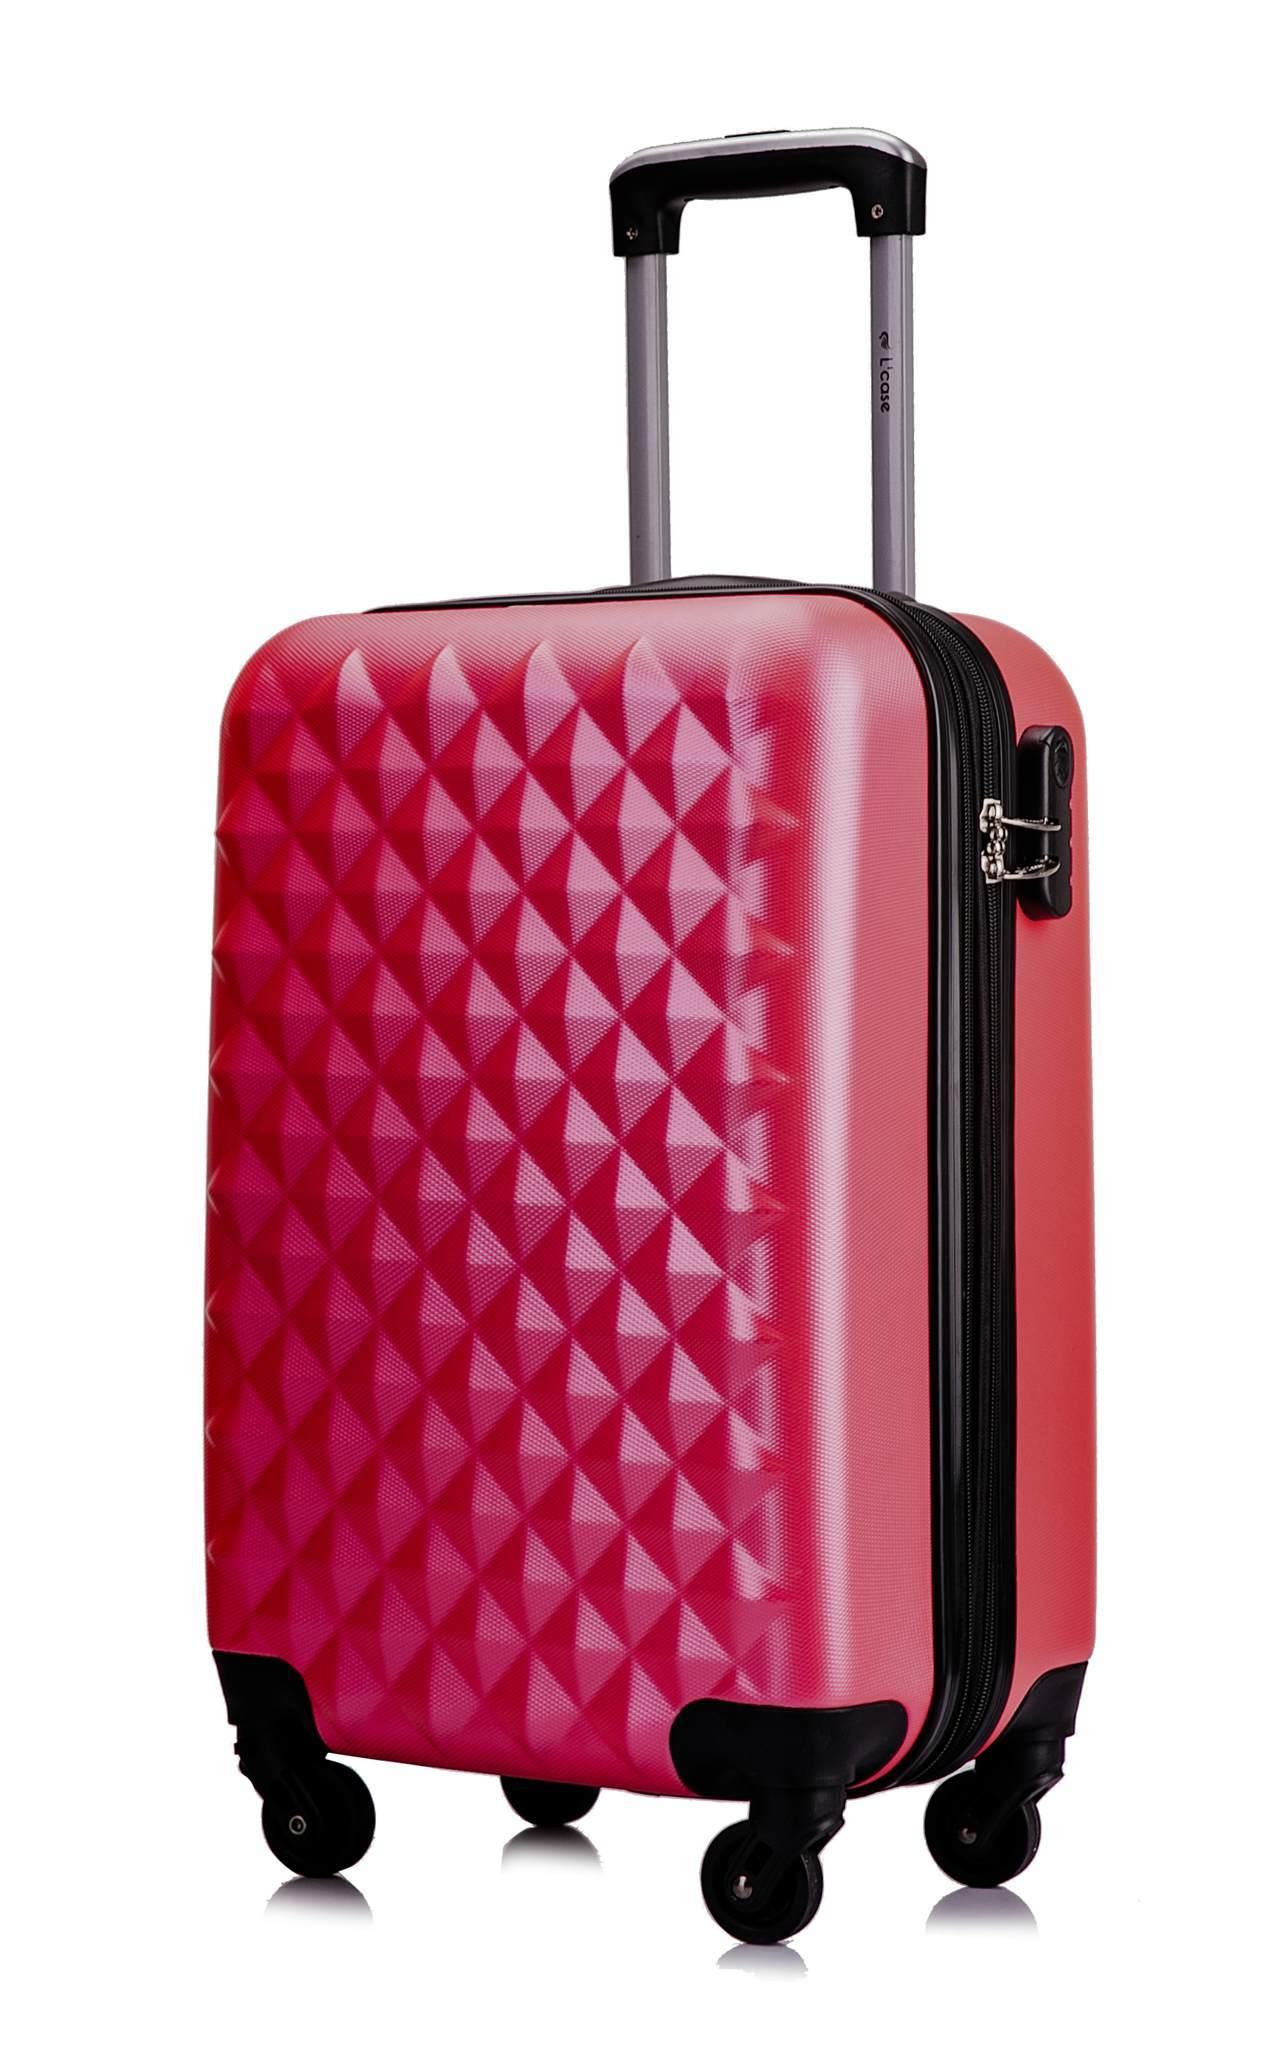 Чемодан с расширением L'case Phatthaya-20 Розовый ручная кладь (S)